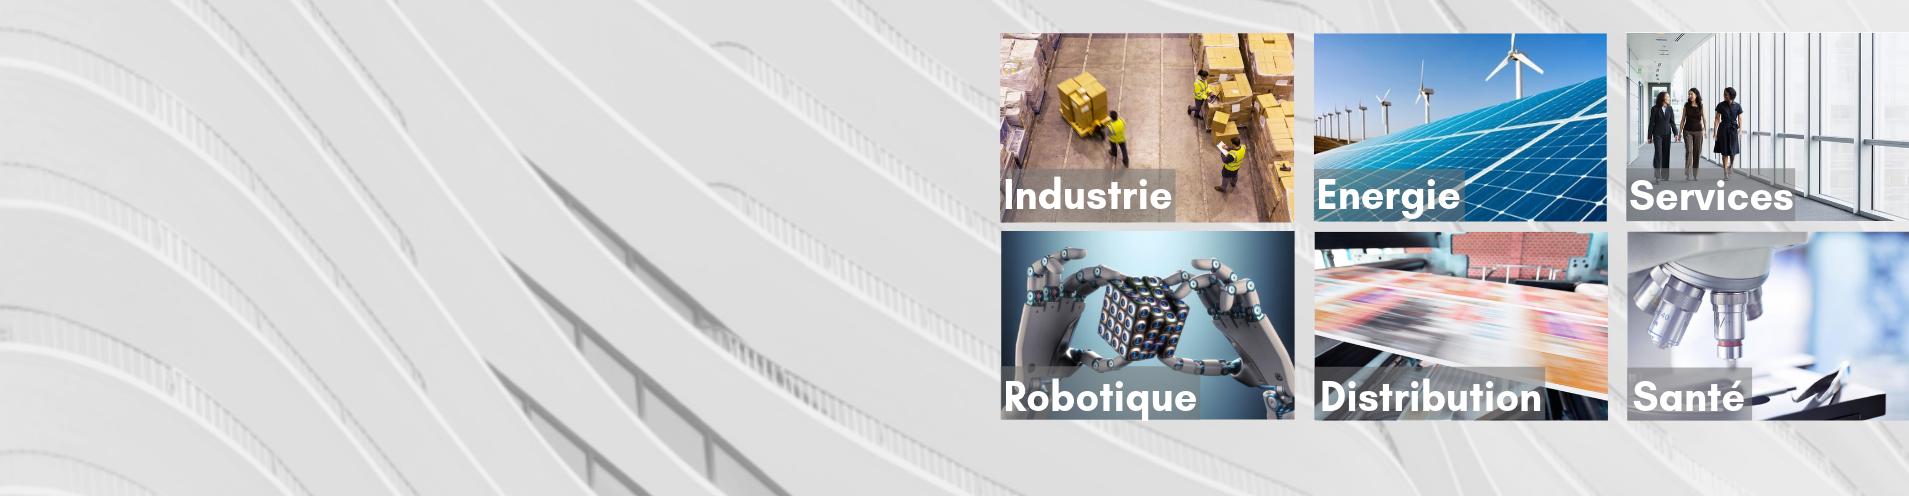 ERP CRM PME ETI Toulouse expert intégrateur SI